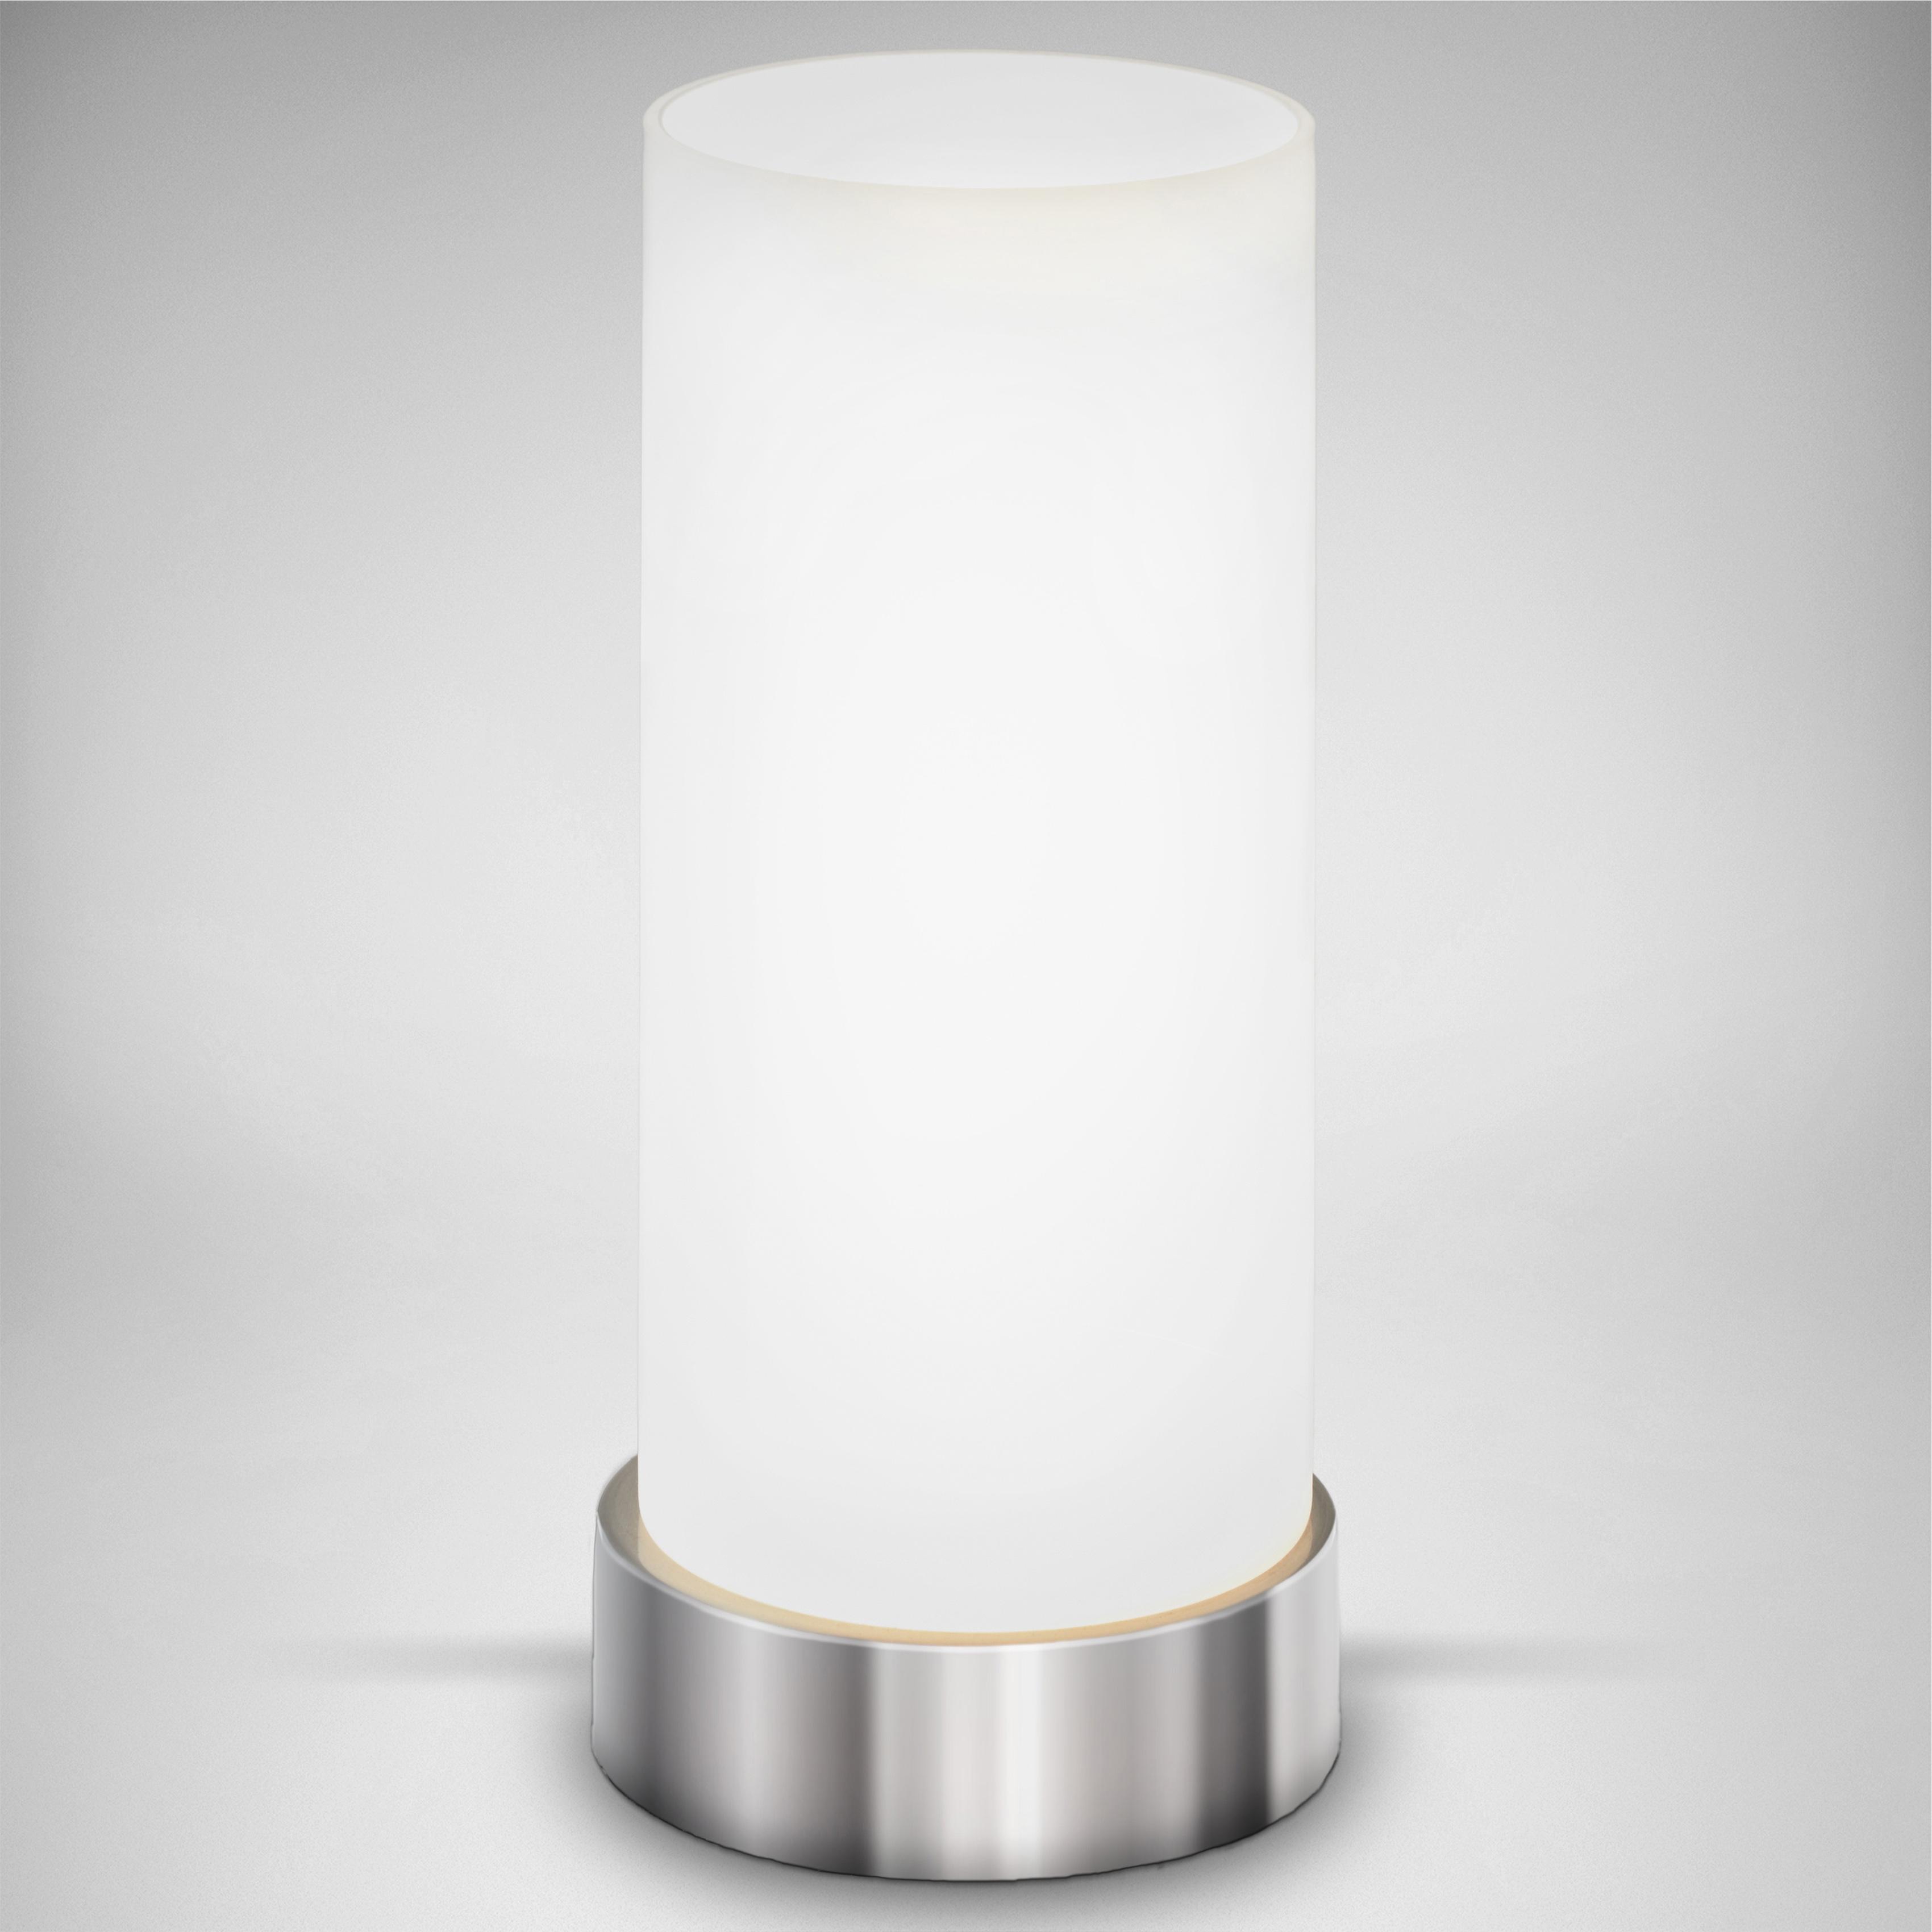 B.K.Licht Tischleuchte Isa, E14, LED Tischlampe Berührungssensor dimmbar Touchdimmer Nachttischlampe Schlafzimmer Büro